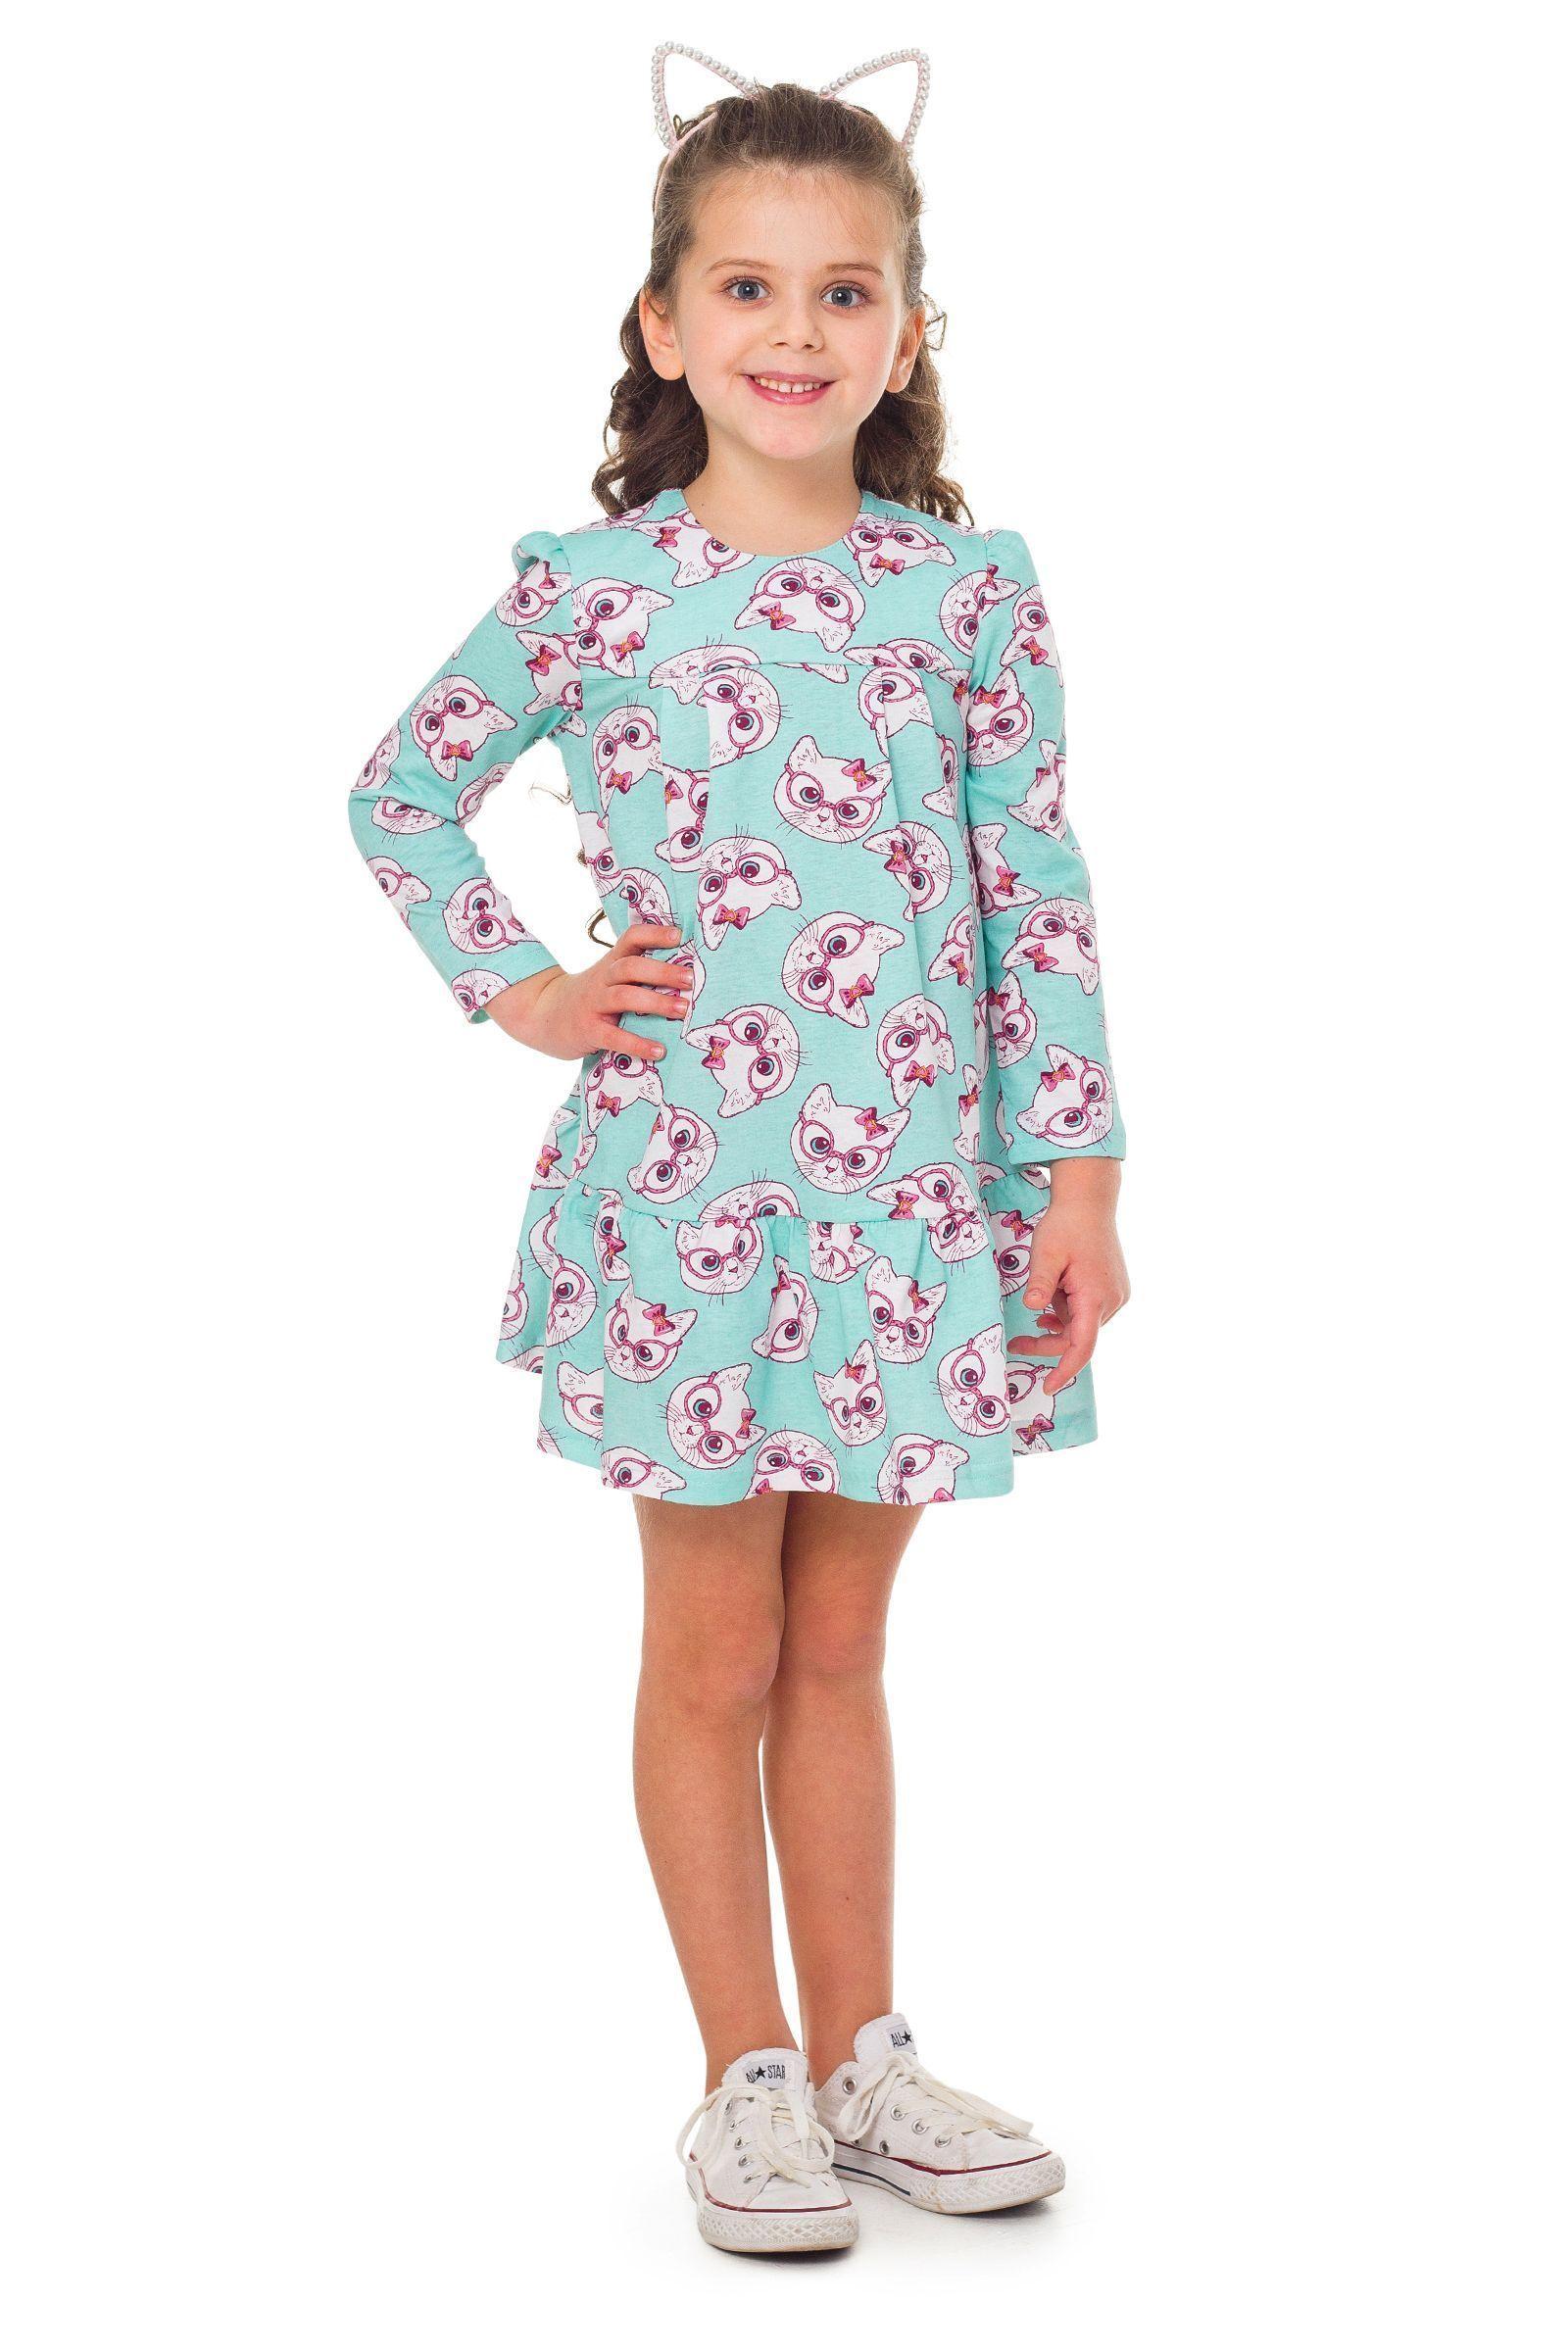 88de27629a5 Платье-ПЛ02-2556 оптом от производителя детской одежды  Алёна  ...